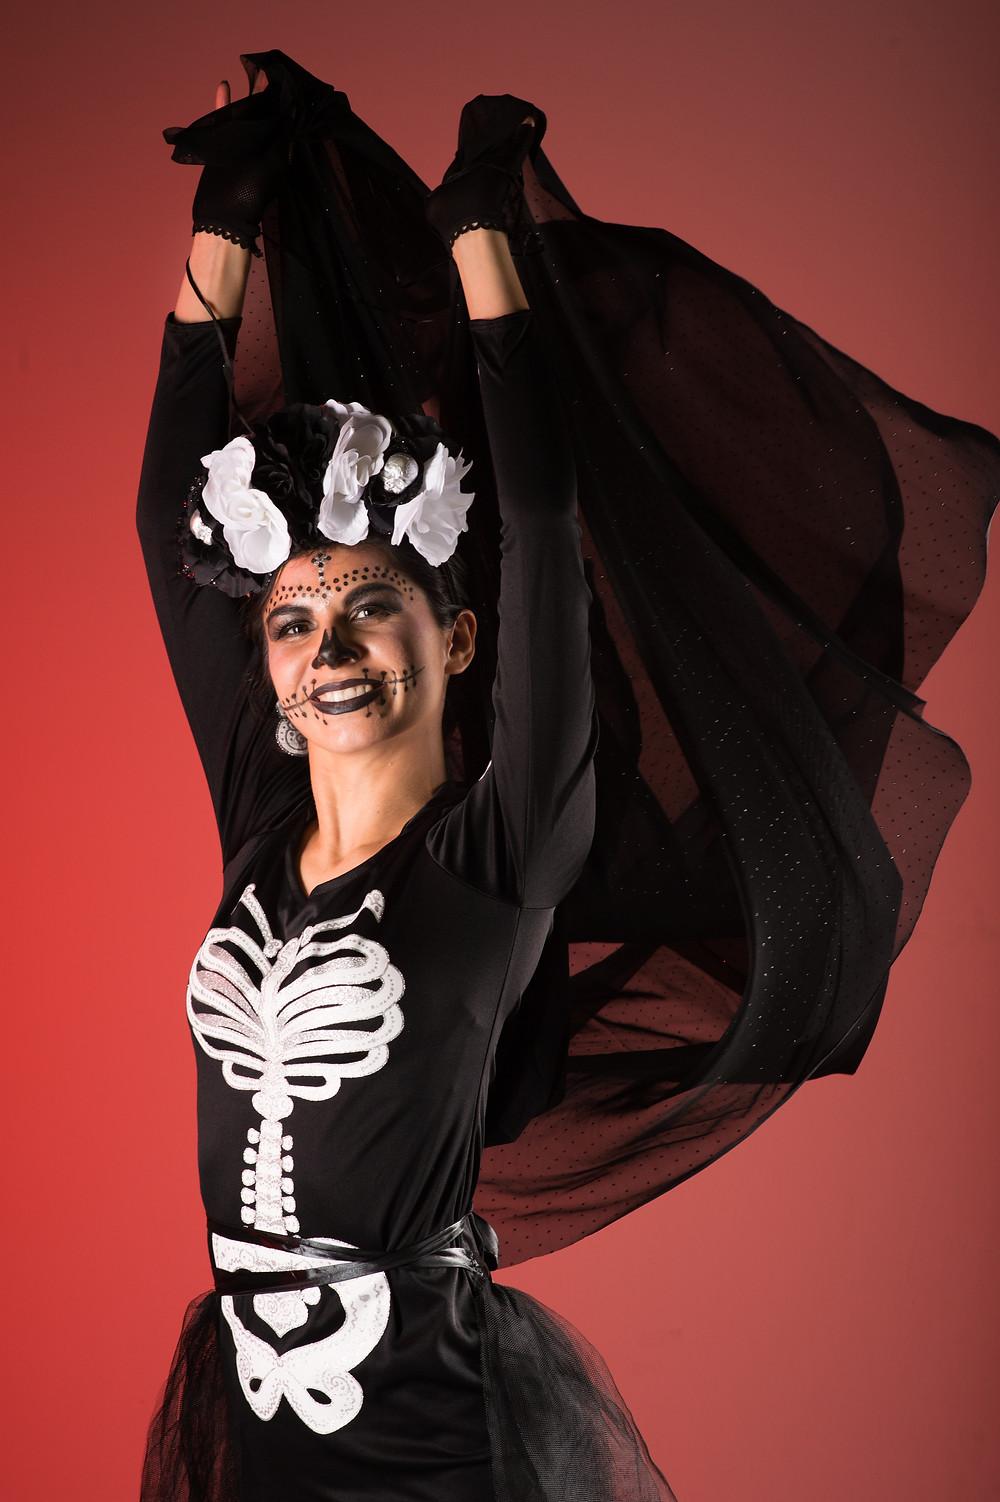 Sarah with black veil